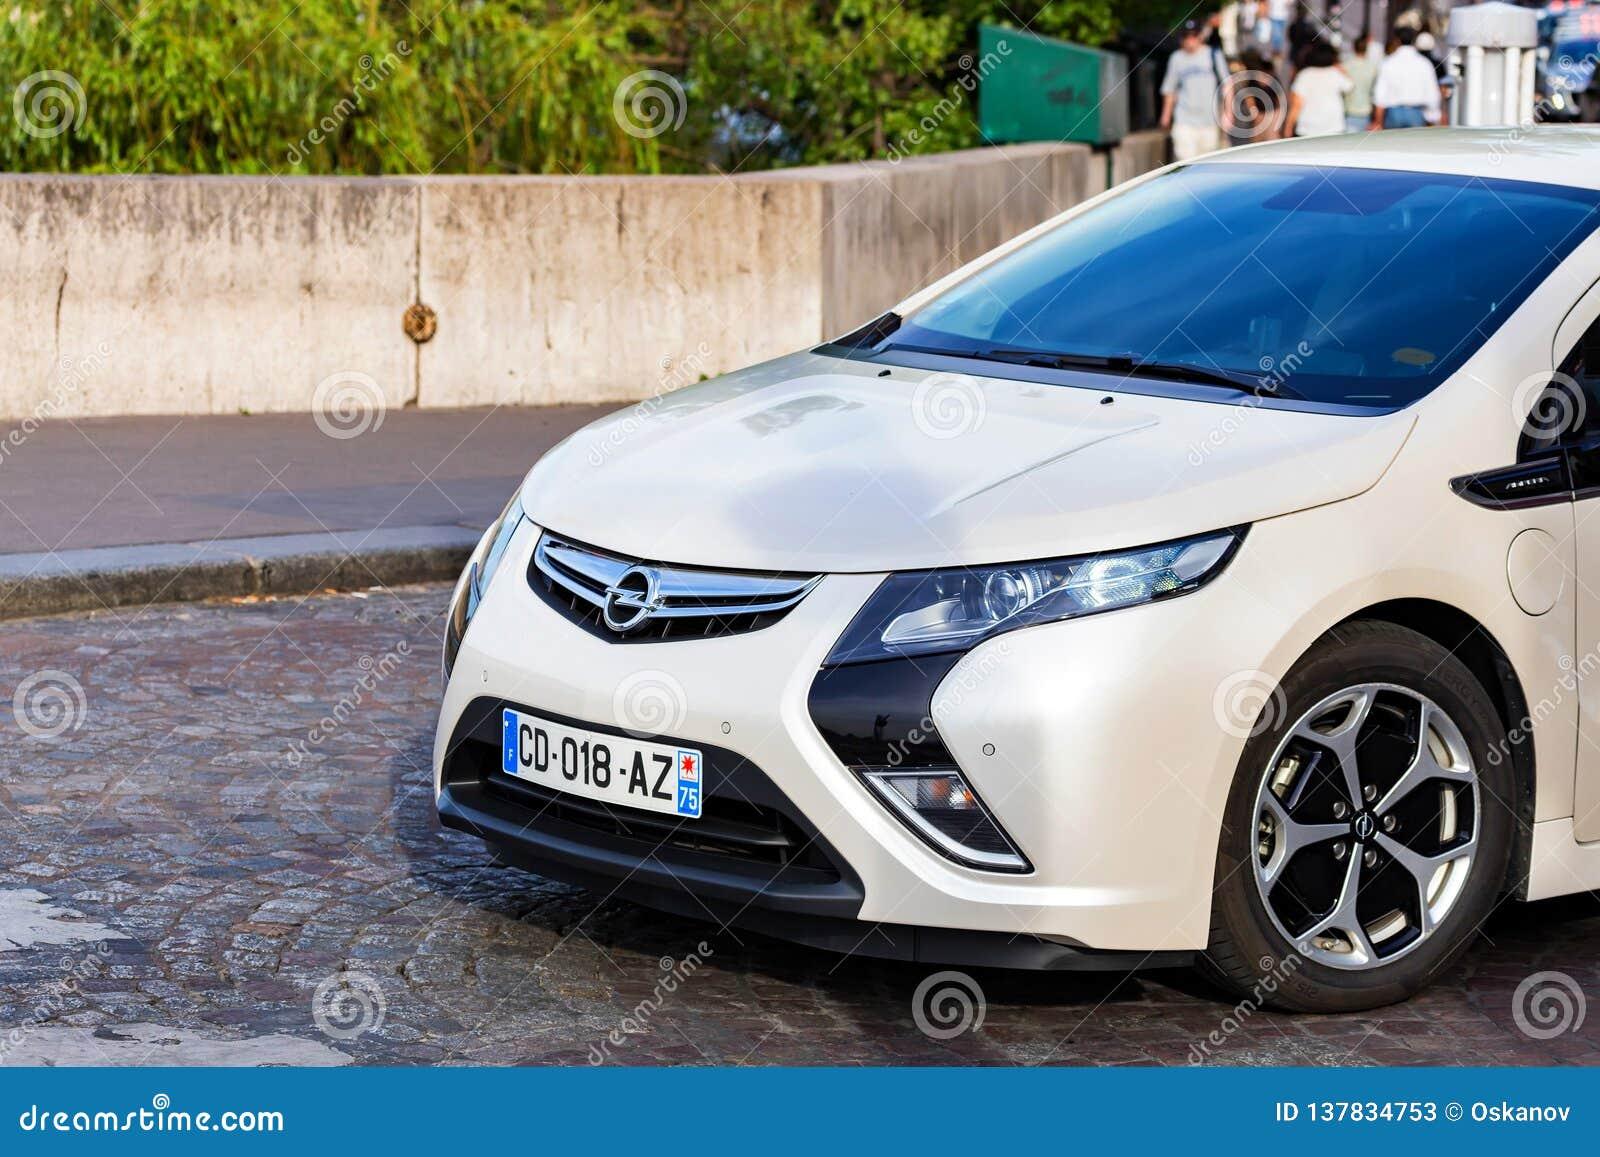 ΠΑΡΙΣΙ, ΓΑΛΛΙΑ - 6 ΙΟΥΝΊΟΥ 2014: Αυτοκίνητο Ampera Opel στην οδό του Παρισιού